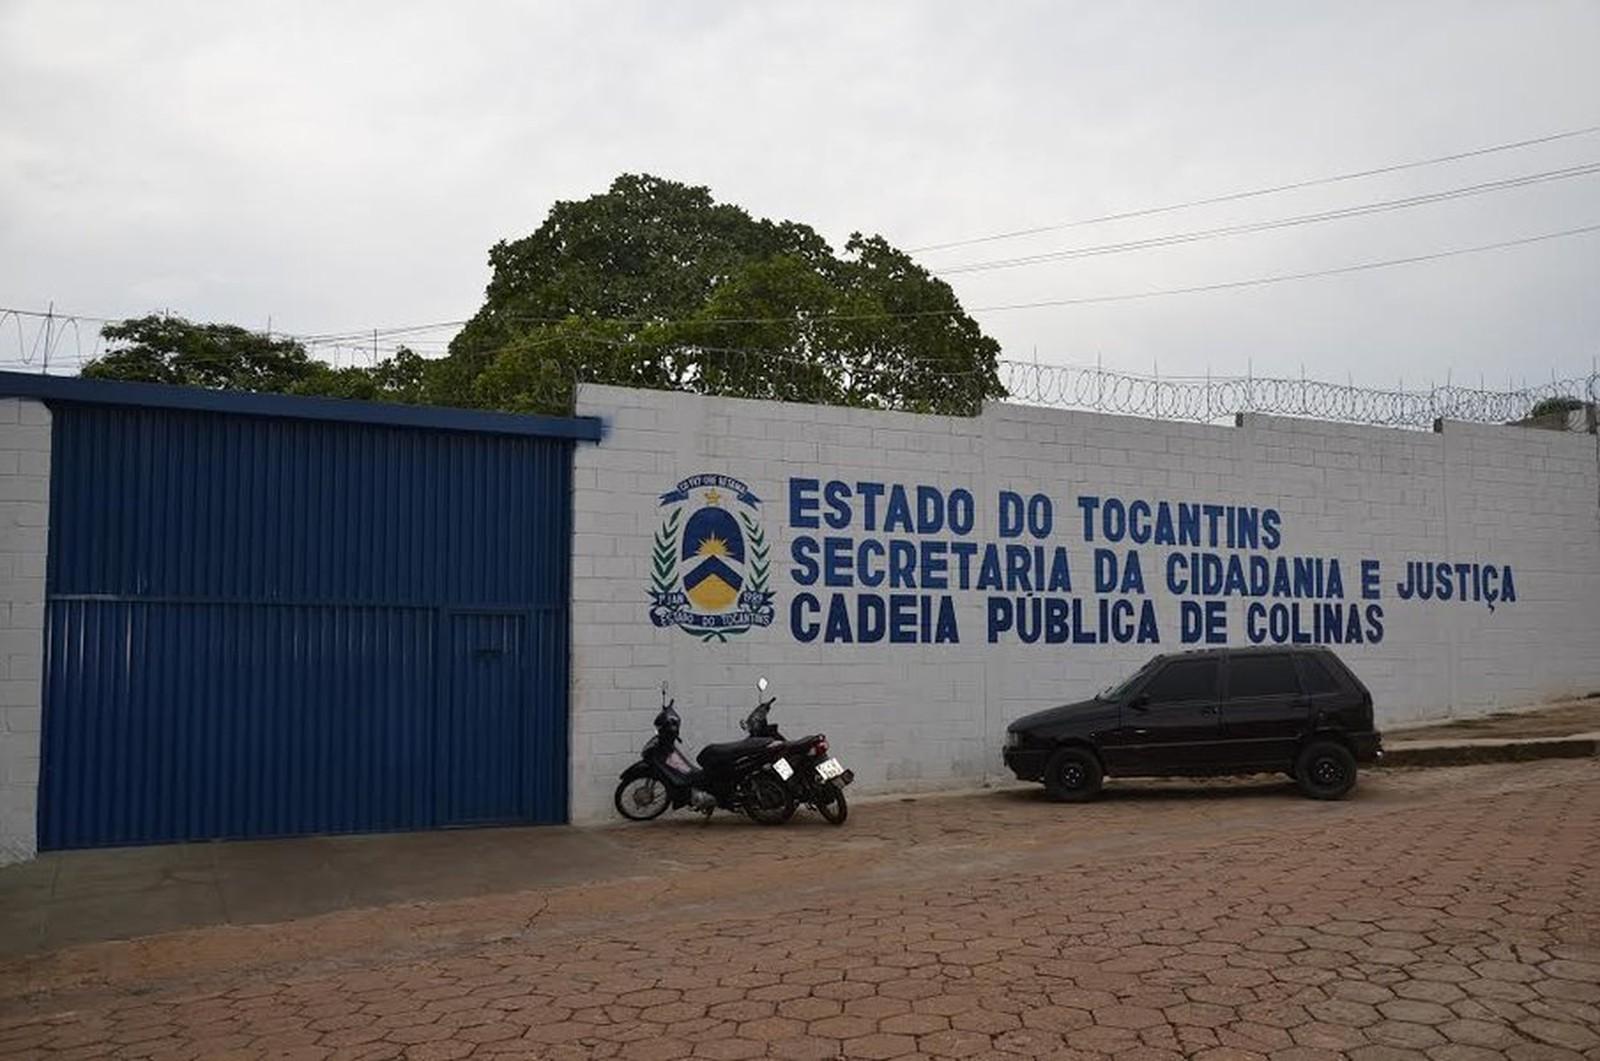 Presos fogem da cadeia pública de Colinas do Tocantins